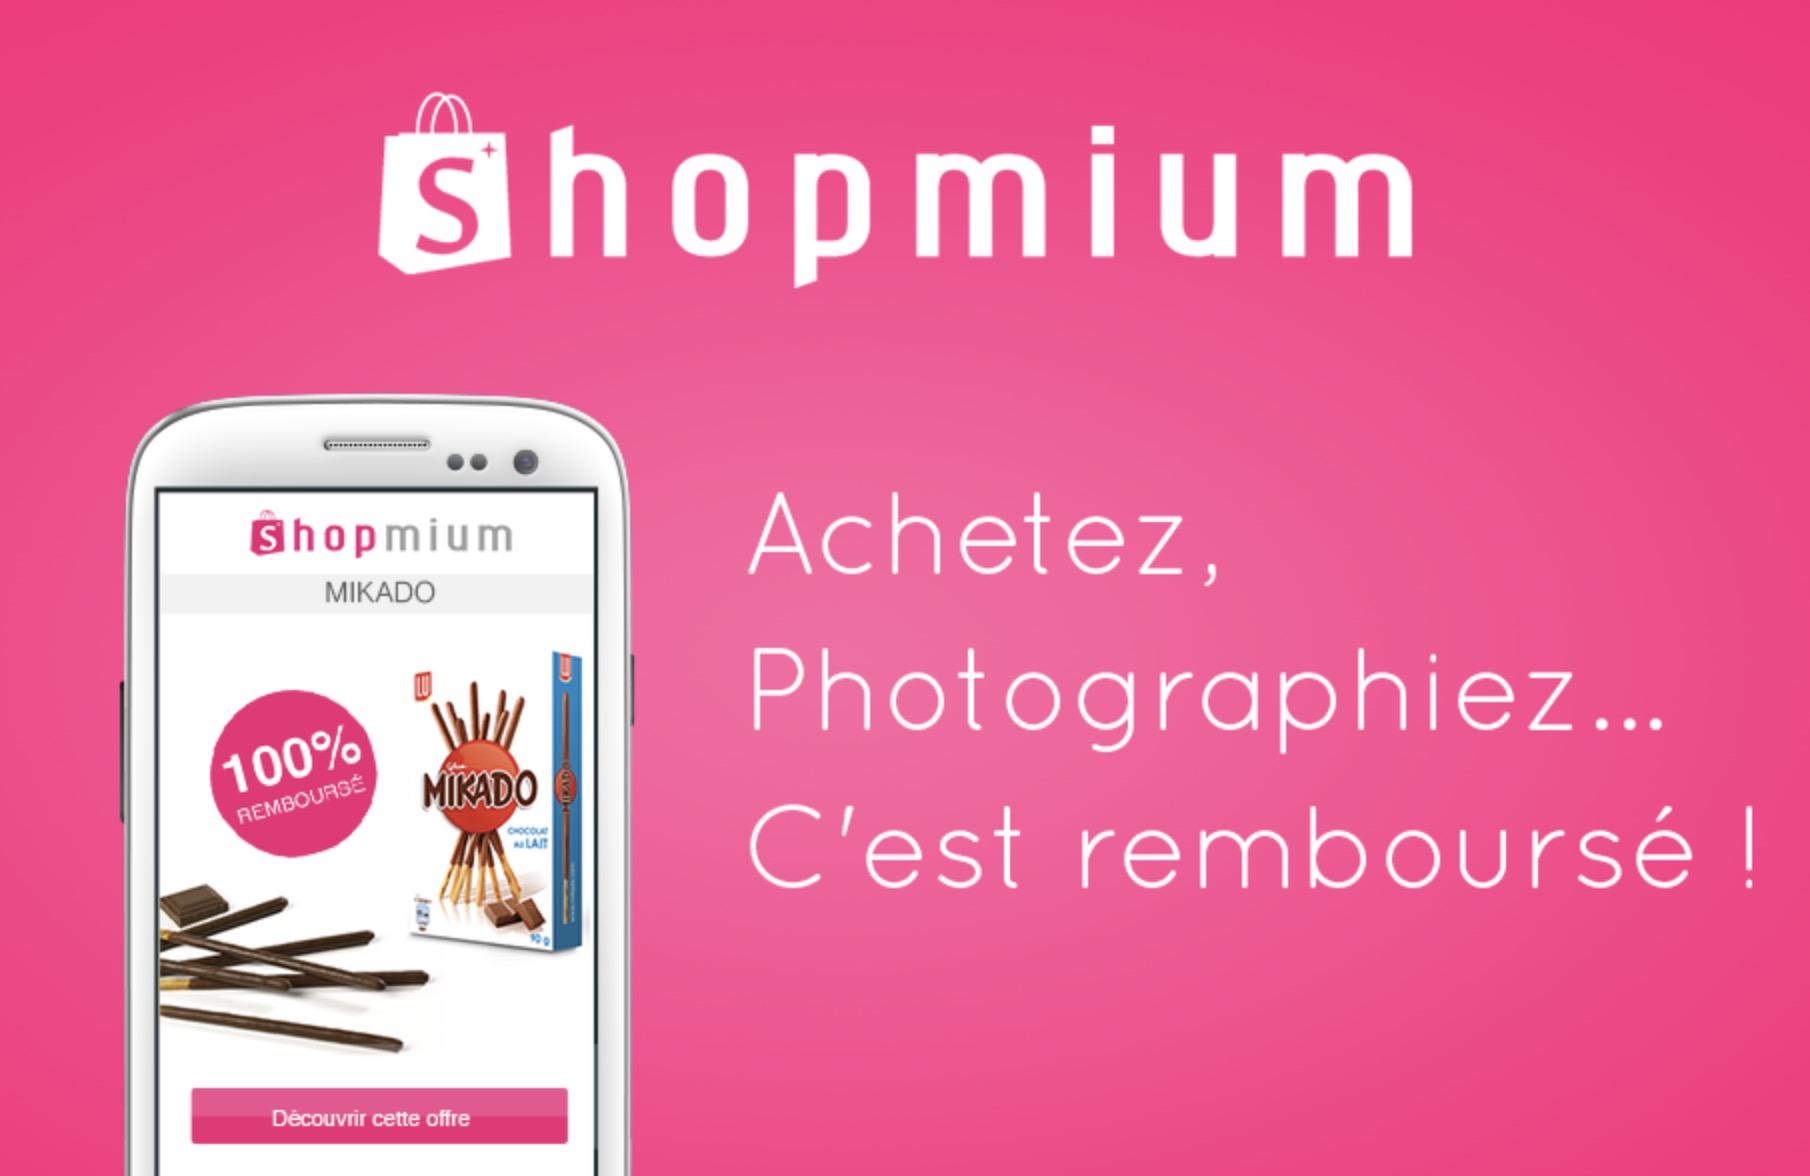 Code promo Shopmium : Shopmium, l'application mobile qui vous rembourse une partie de vos courses